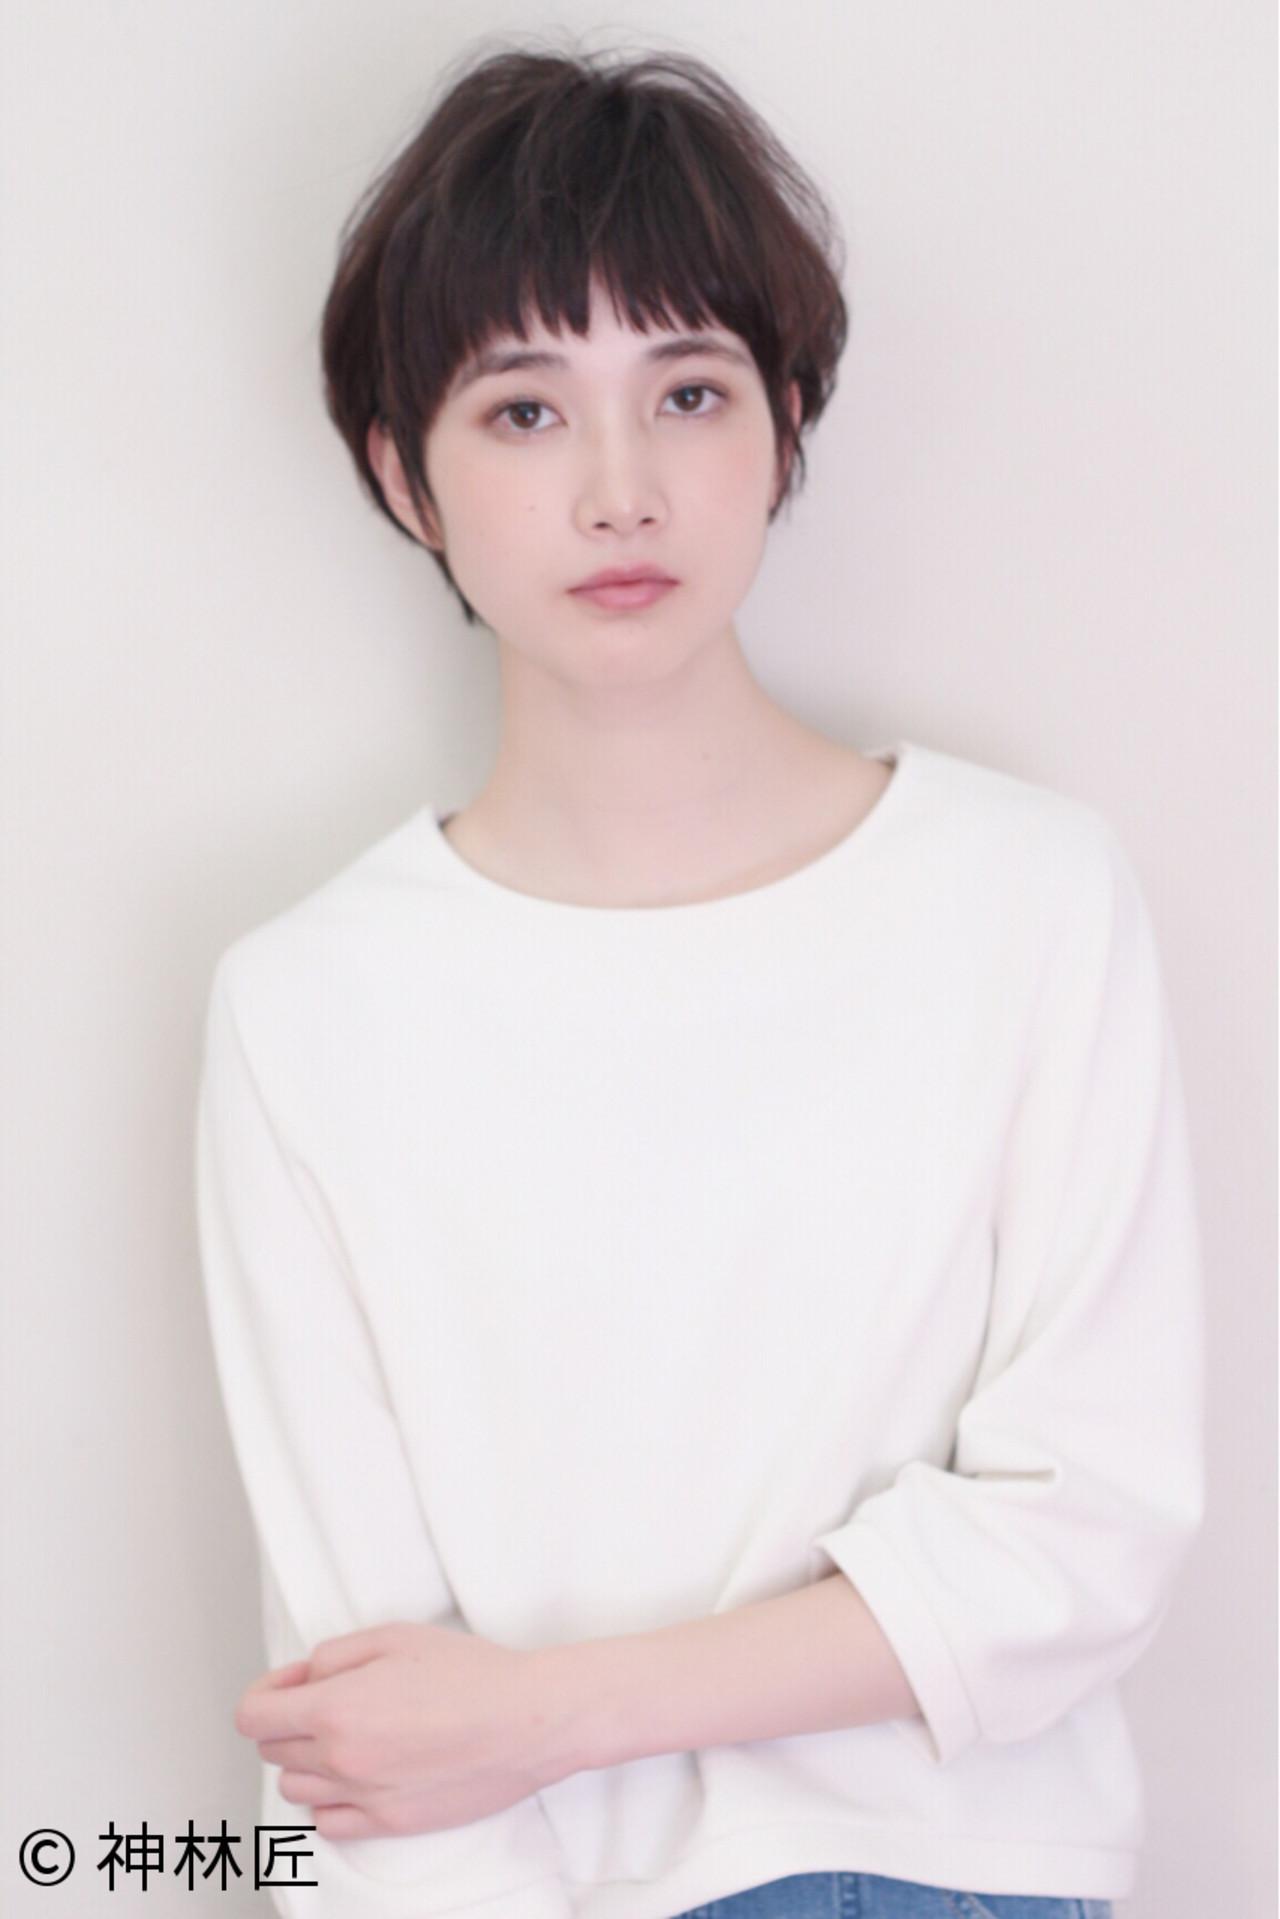 大人女子 ナチュラル 小顔 ショート ヘアスタイルや髪型の写真・画像